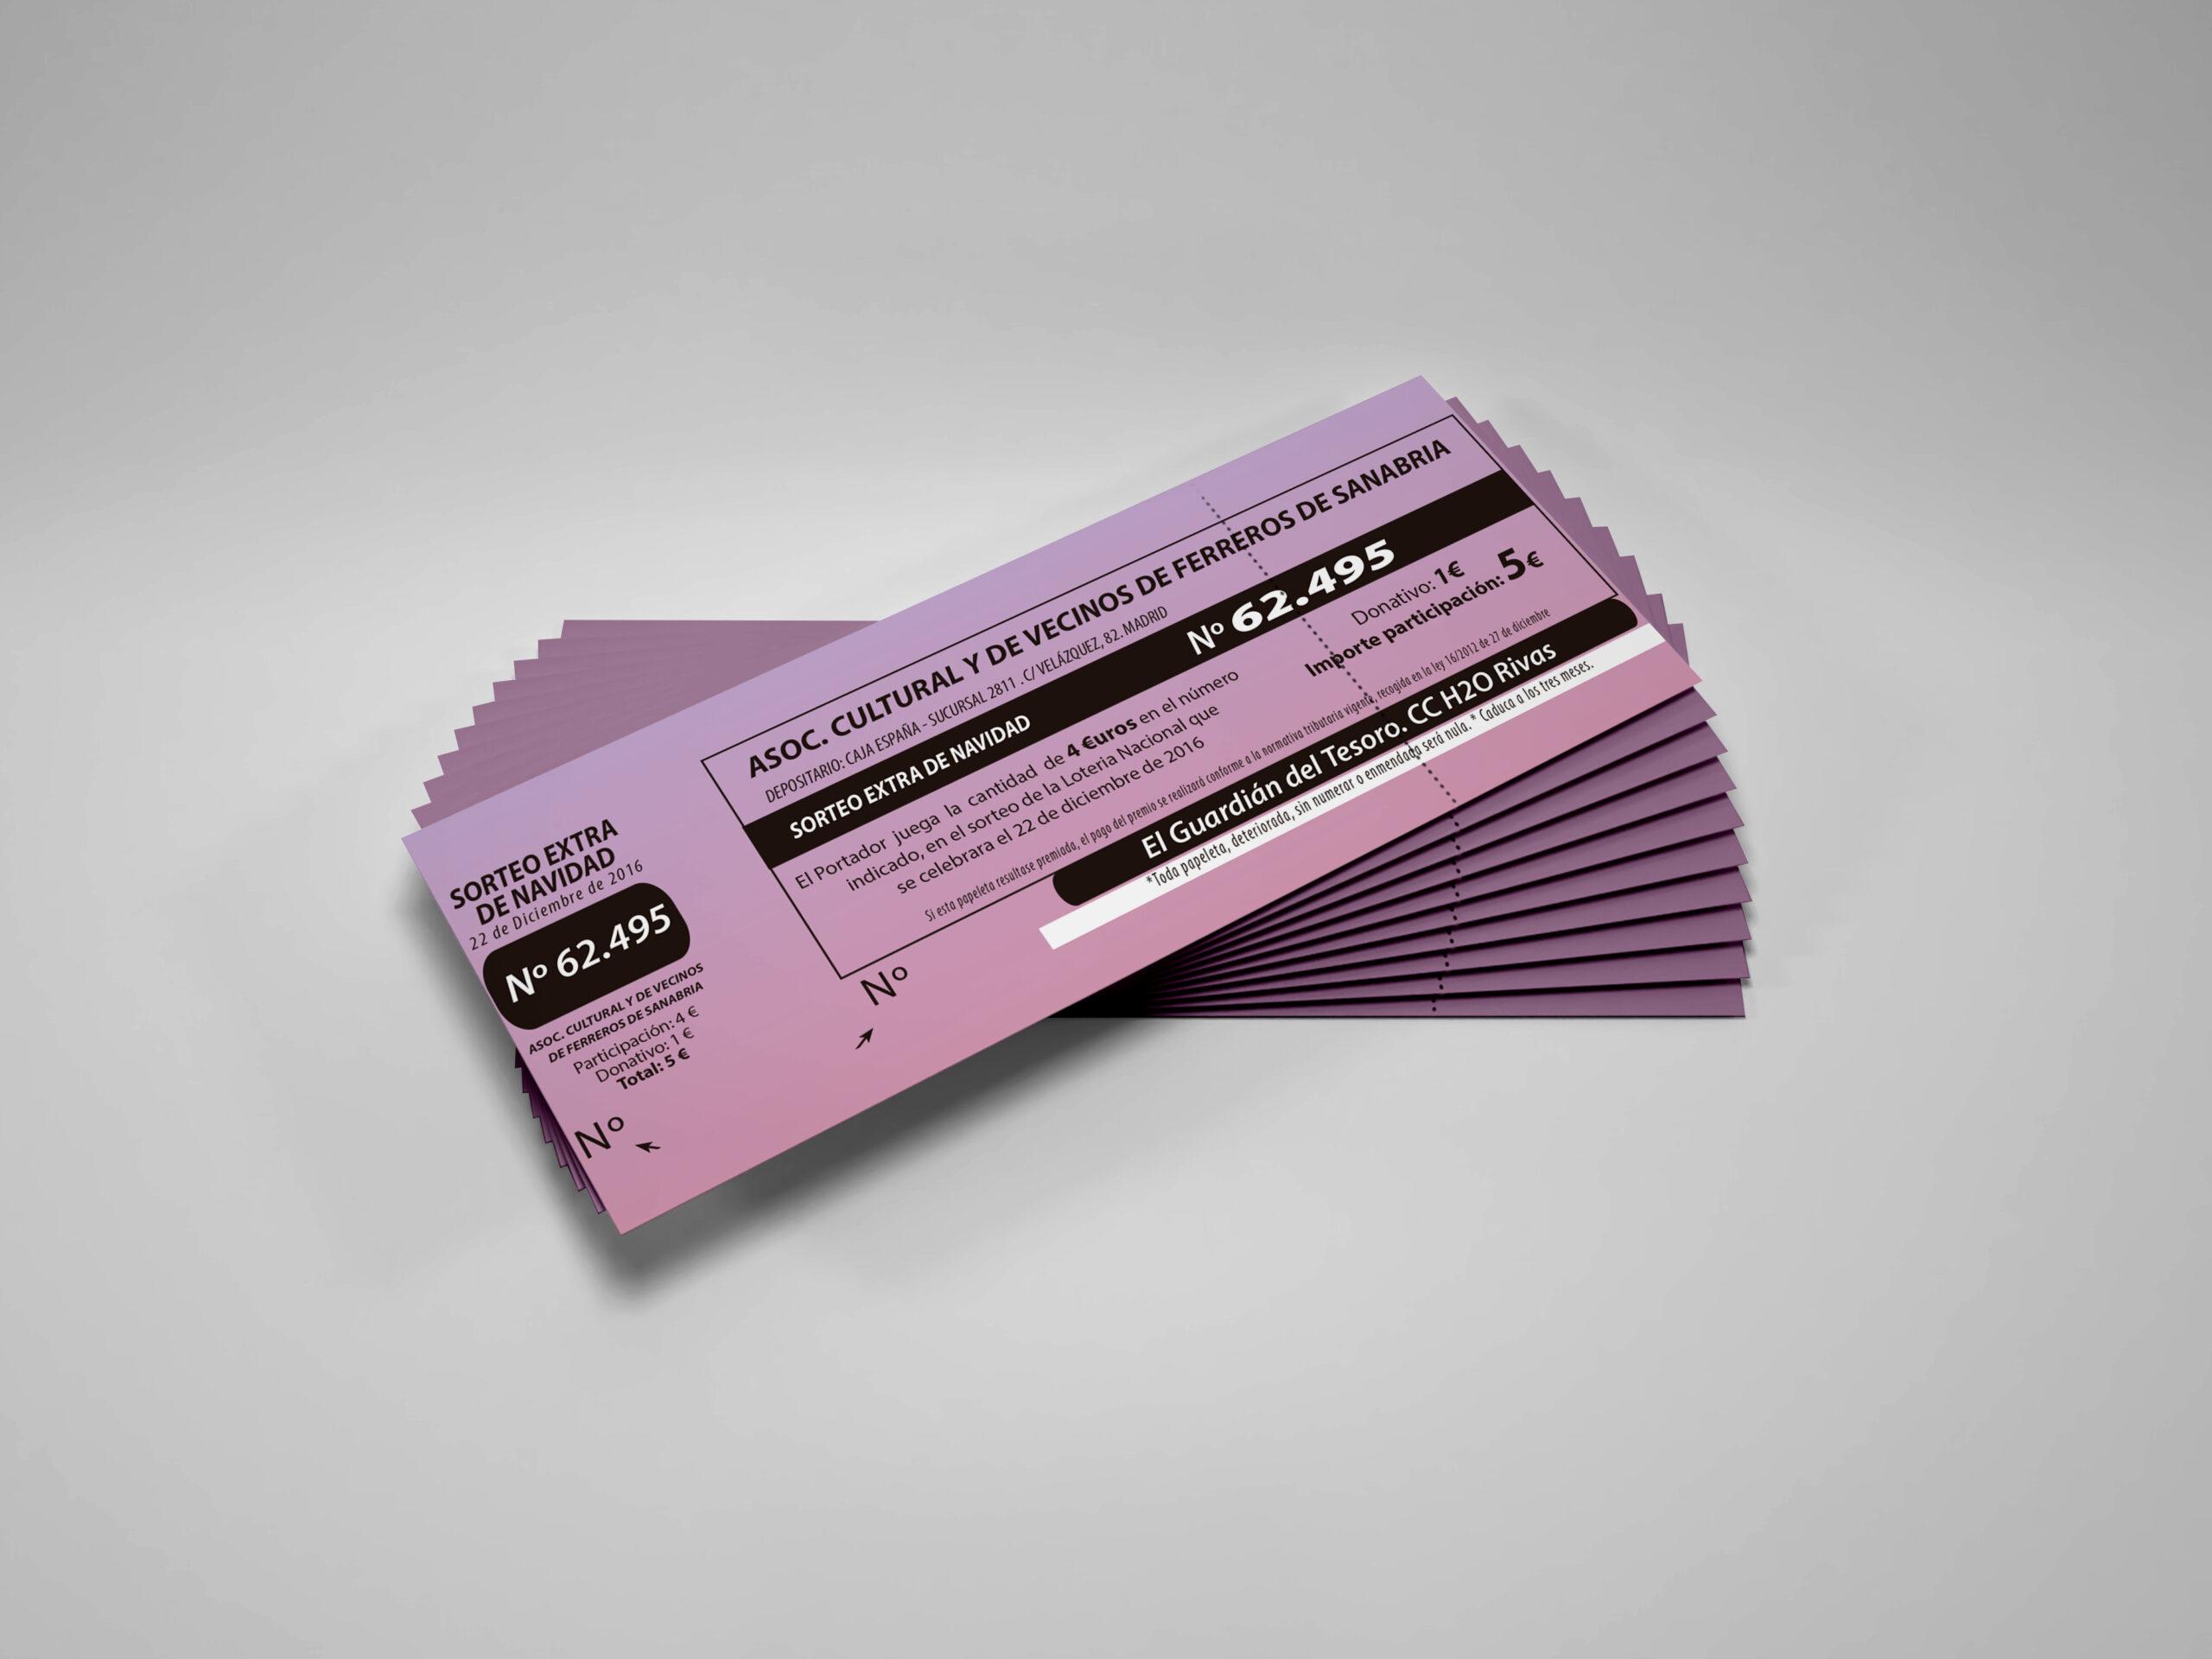 Imprimir decimos de lotería personalizados